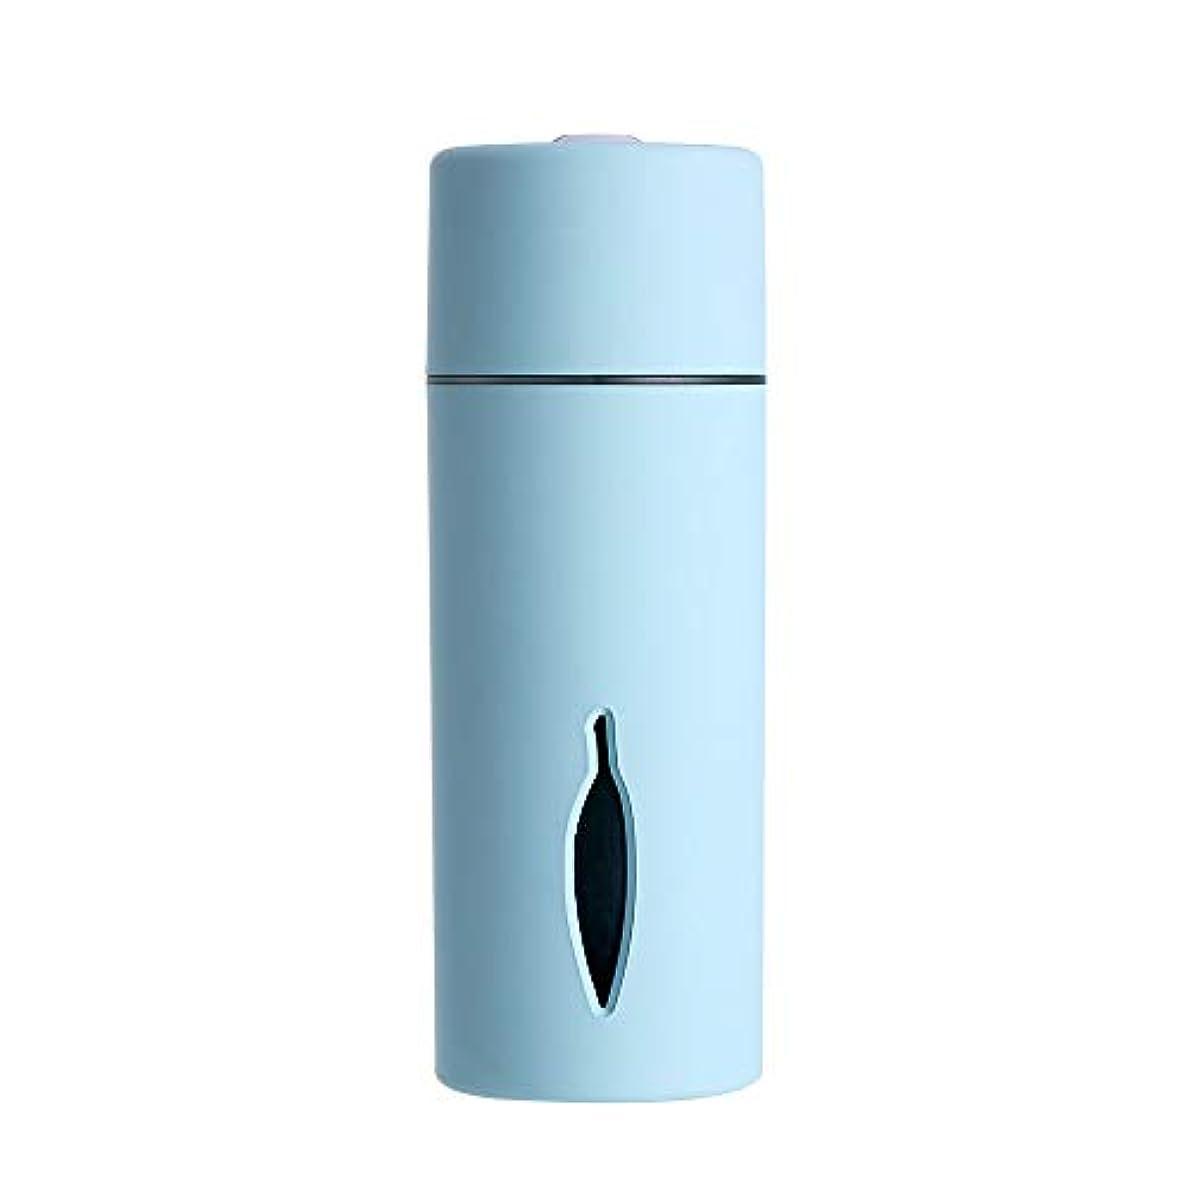 同意ビリー種をまくZXF クリエイティブ新しいカラフルな夜の光の葉加湿器usb車のミニホームスプレー楽器水道メーターブルーセクションピンク 滑らかである (色 : Blue)